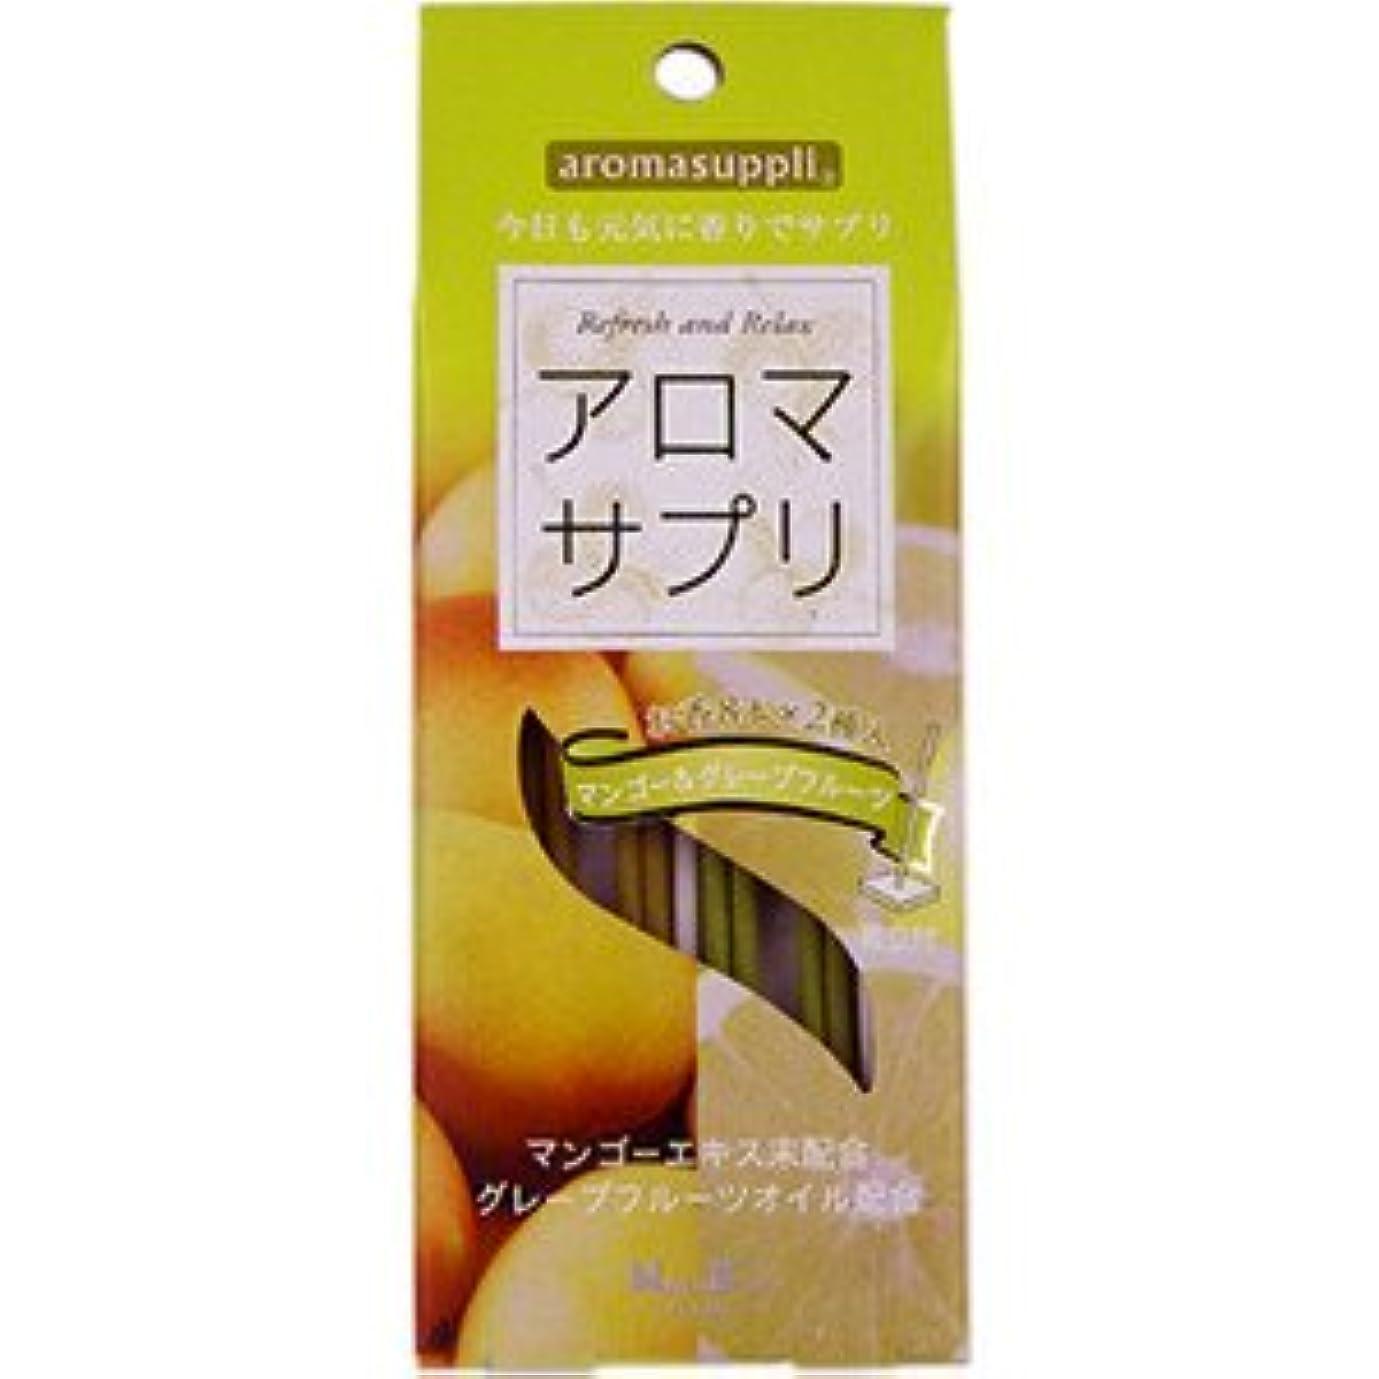 約大学院広告する日本香堂 アロマサプリ マンゴー&グレープフルーツ